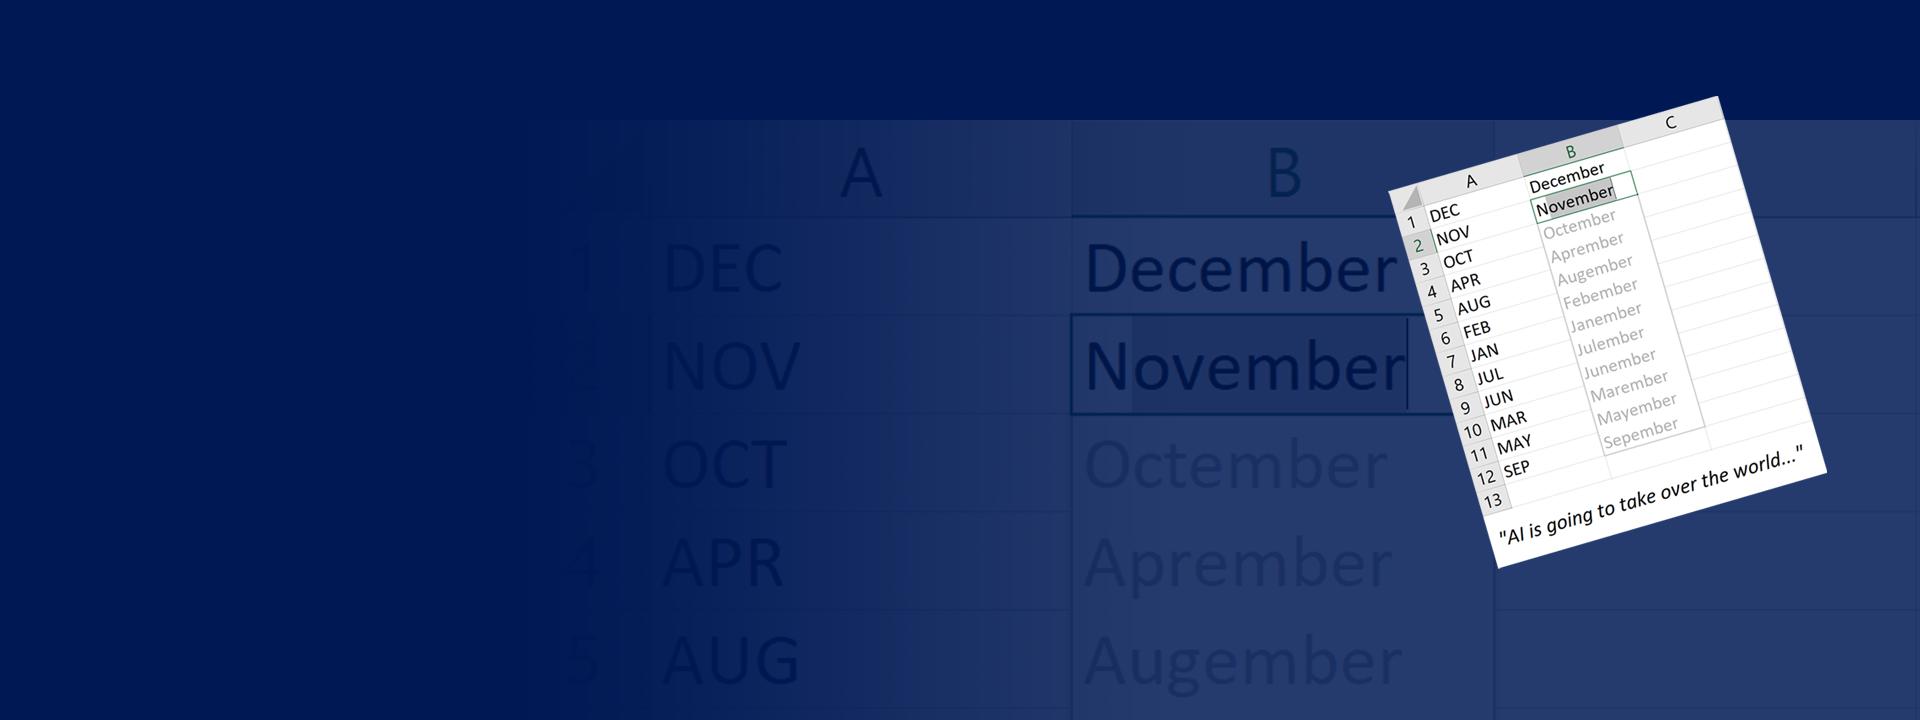 PROSE group header - blue background